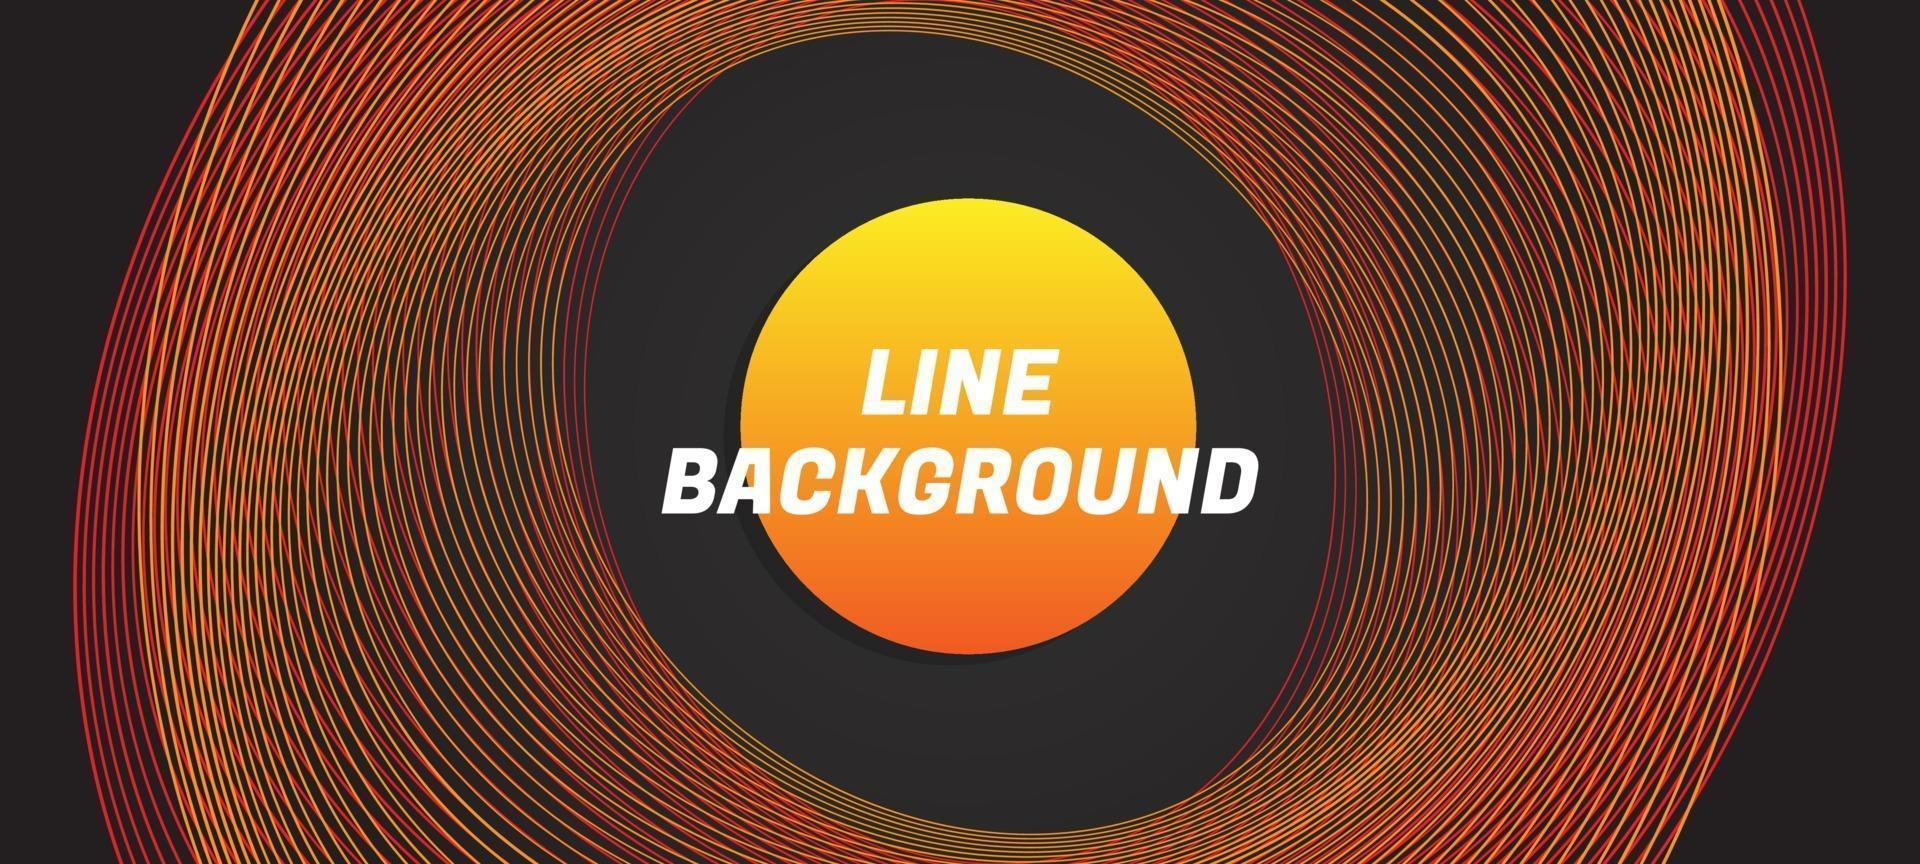 linje stil på svart bakgrund premium vektorillustration vektor